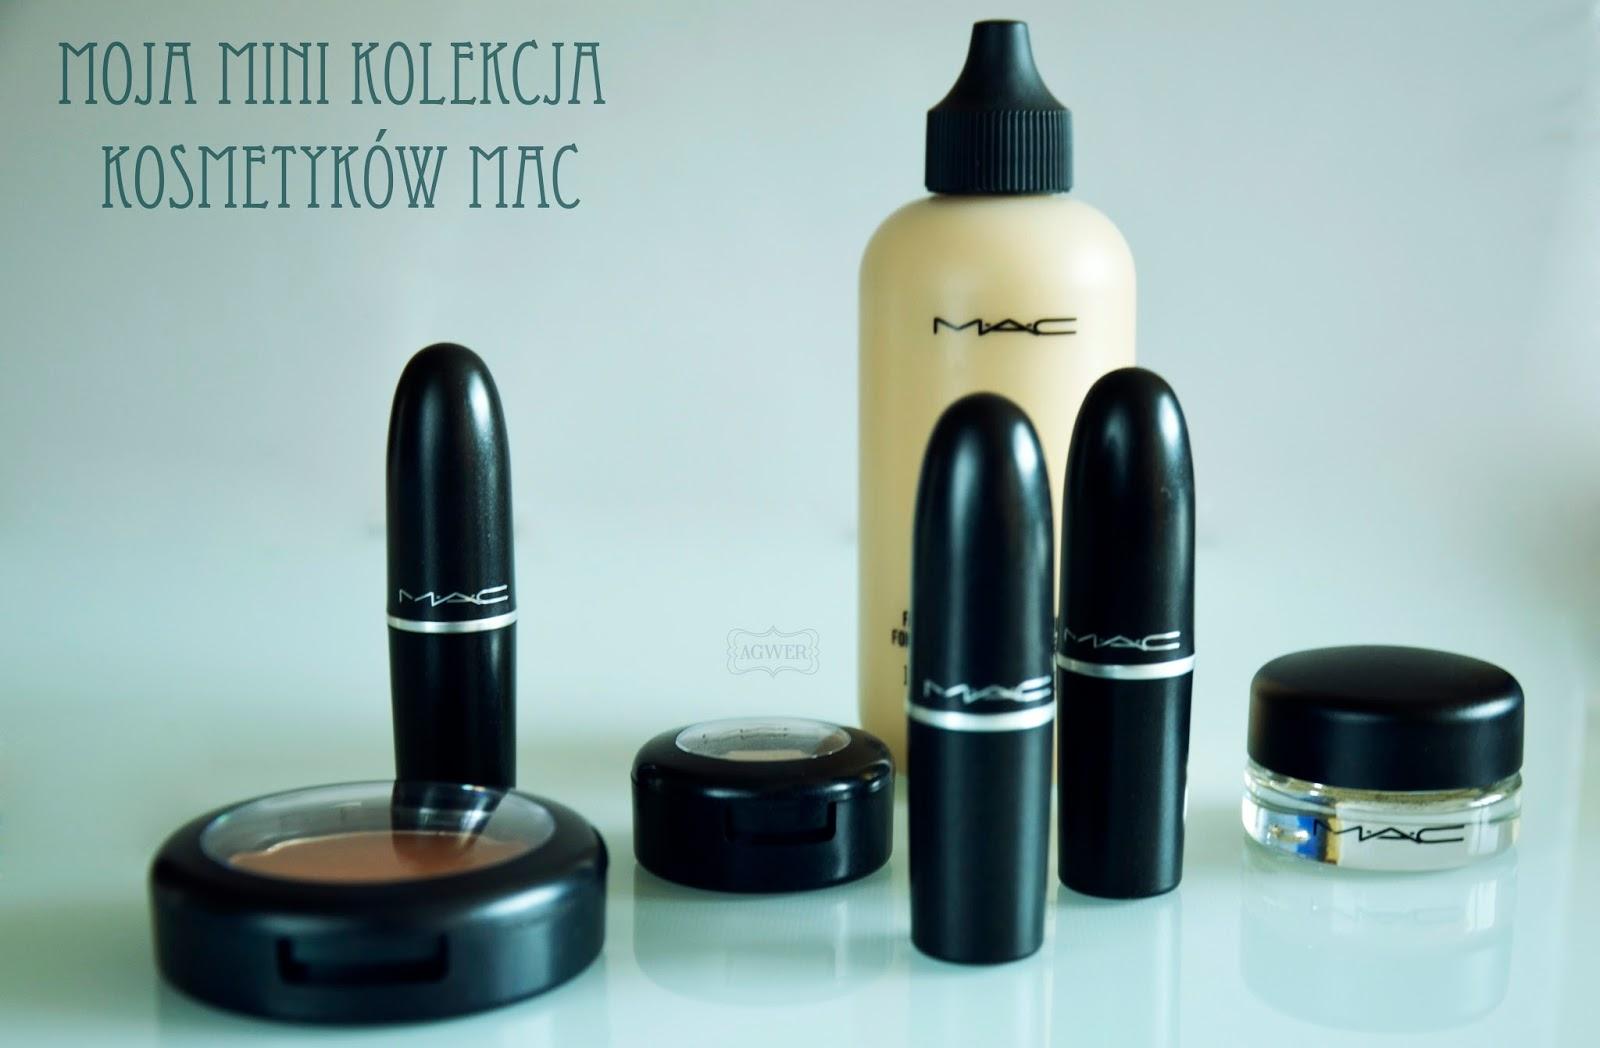 # Moja mini kolekcja kosmetyków MAC